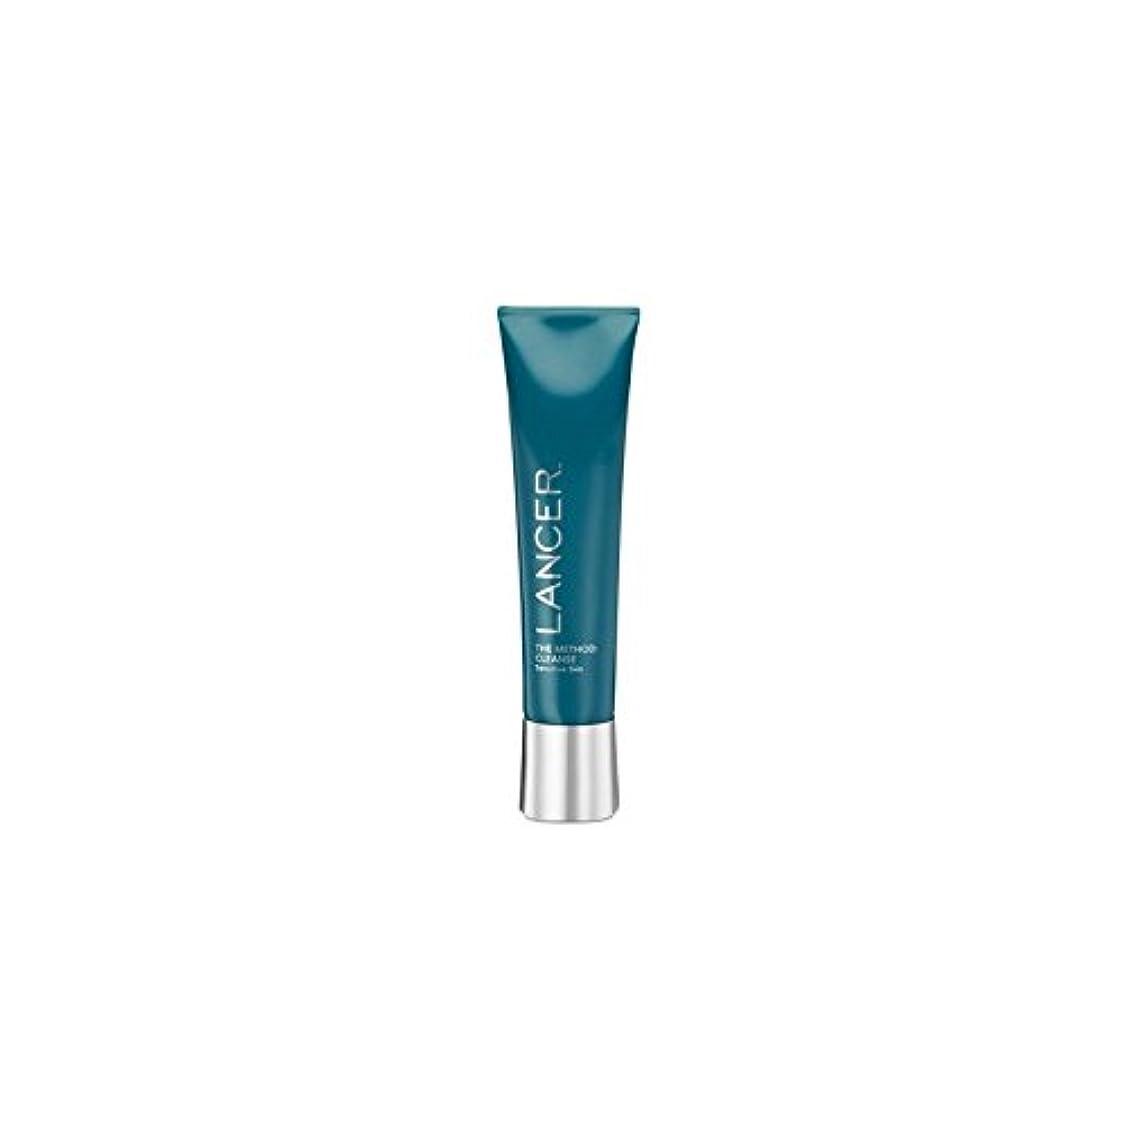 見せます絶滅させる到着するLancer Skincare The Method: Cleanser Sensitive Skin (120ml) - クレンザー敏感肌(120ミリリットル):ランサーは、メソッドをスキンケア [並行輸入品]